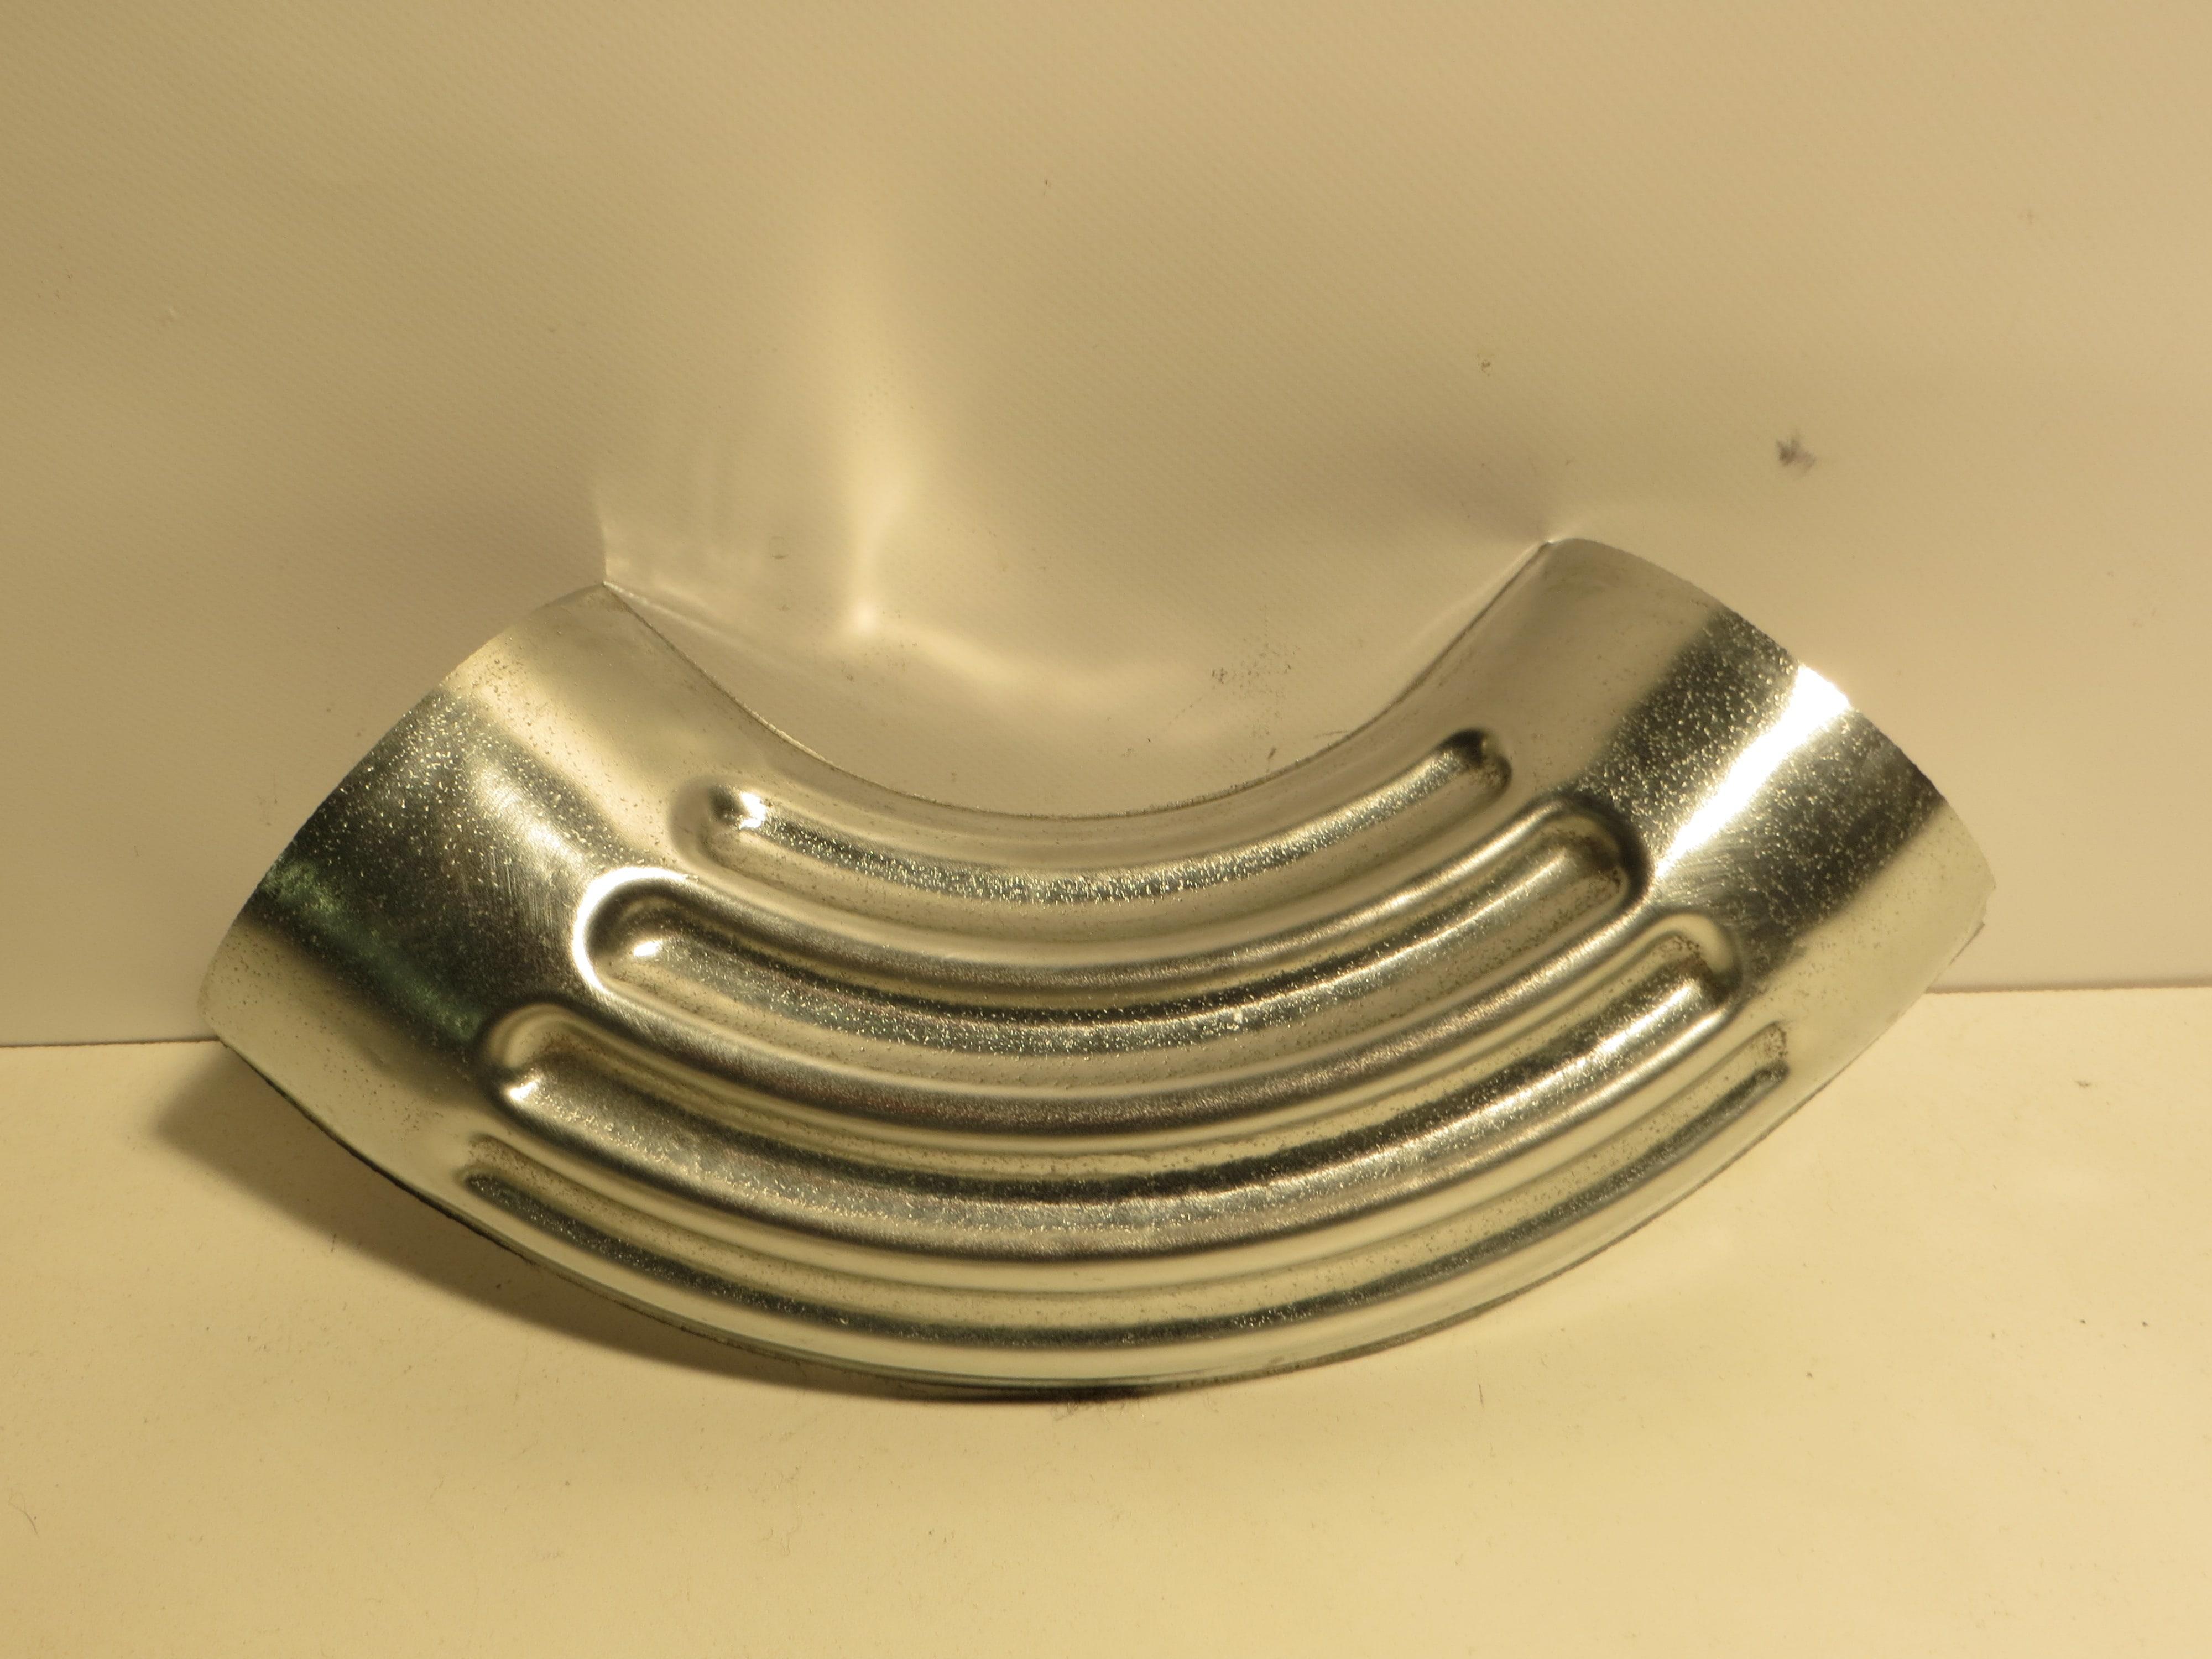 Coude estampé cannelé en Zinc naturel, disponible en plusieurs diamètres ; 80, 100, 120mm.